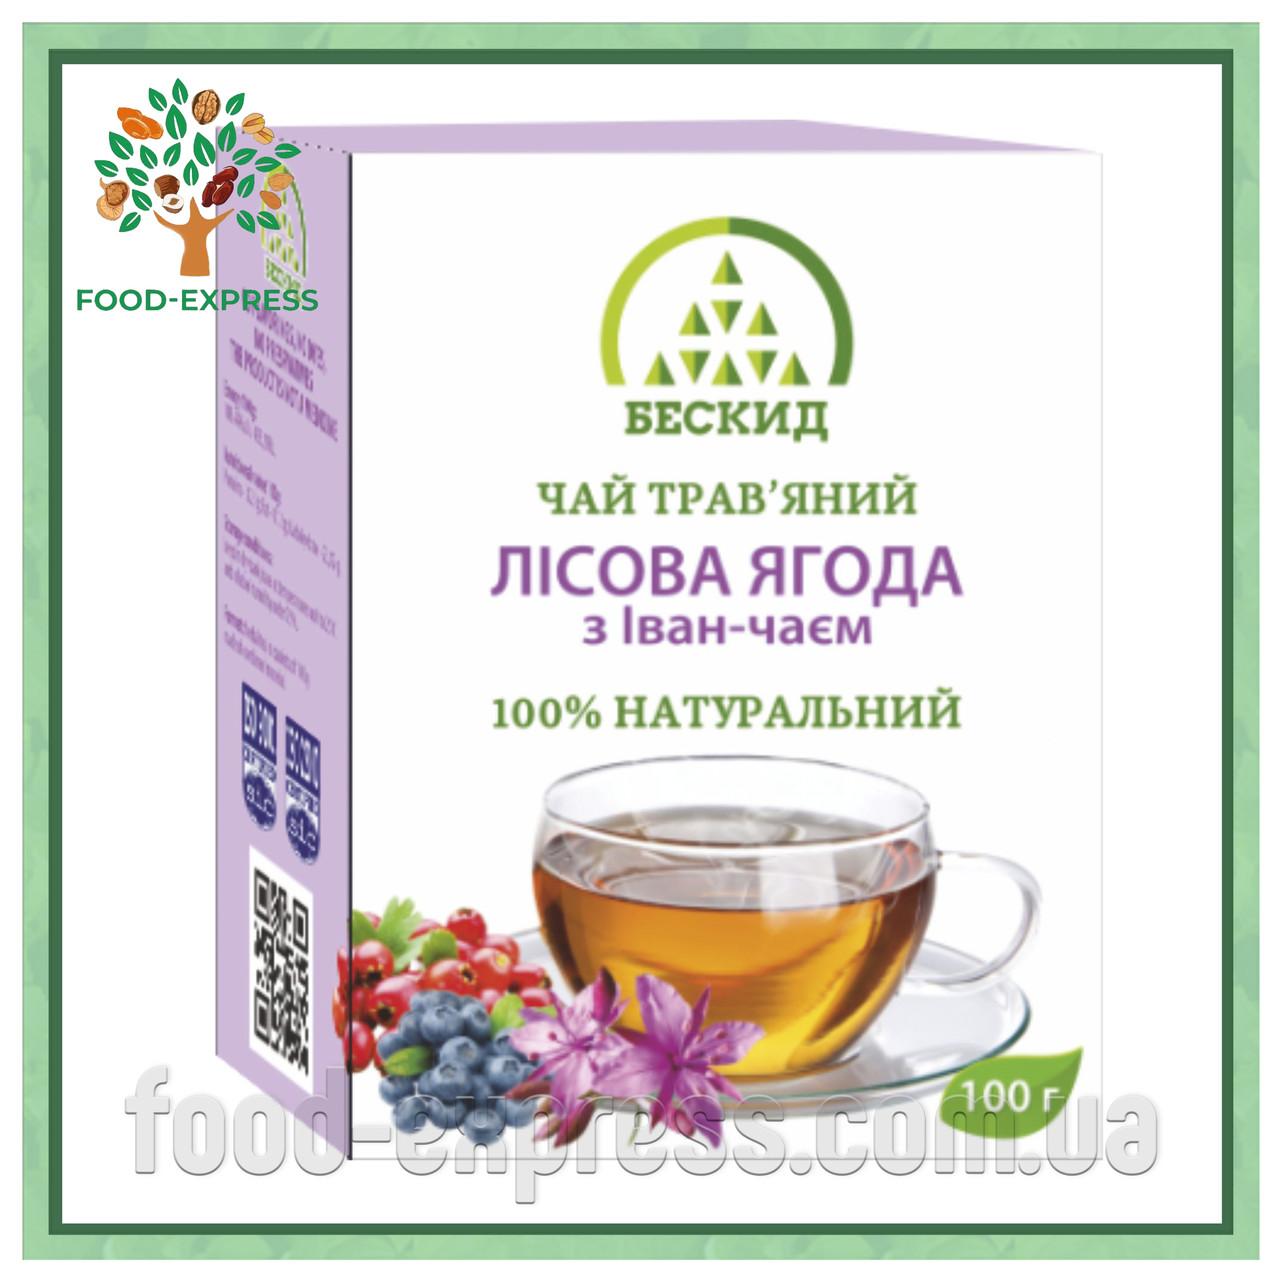 Чай трав'яний «Лісова ягода» з Іван-чаєм 100г